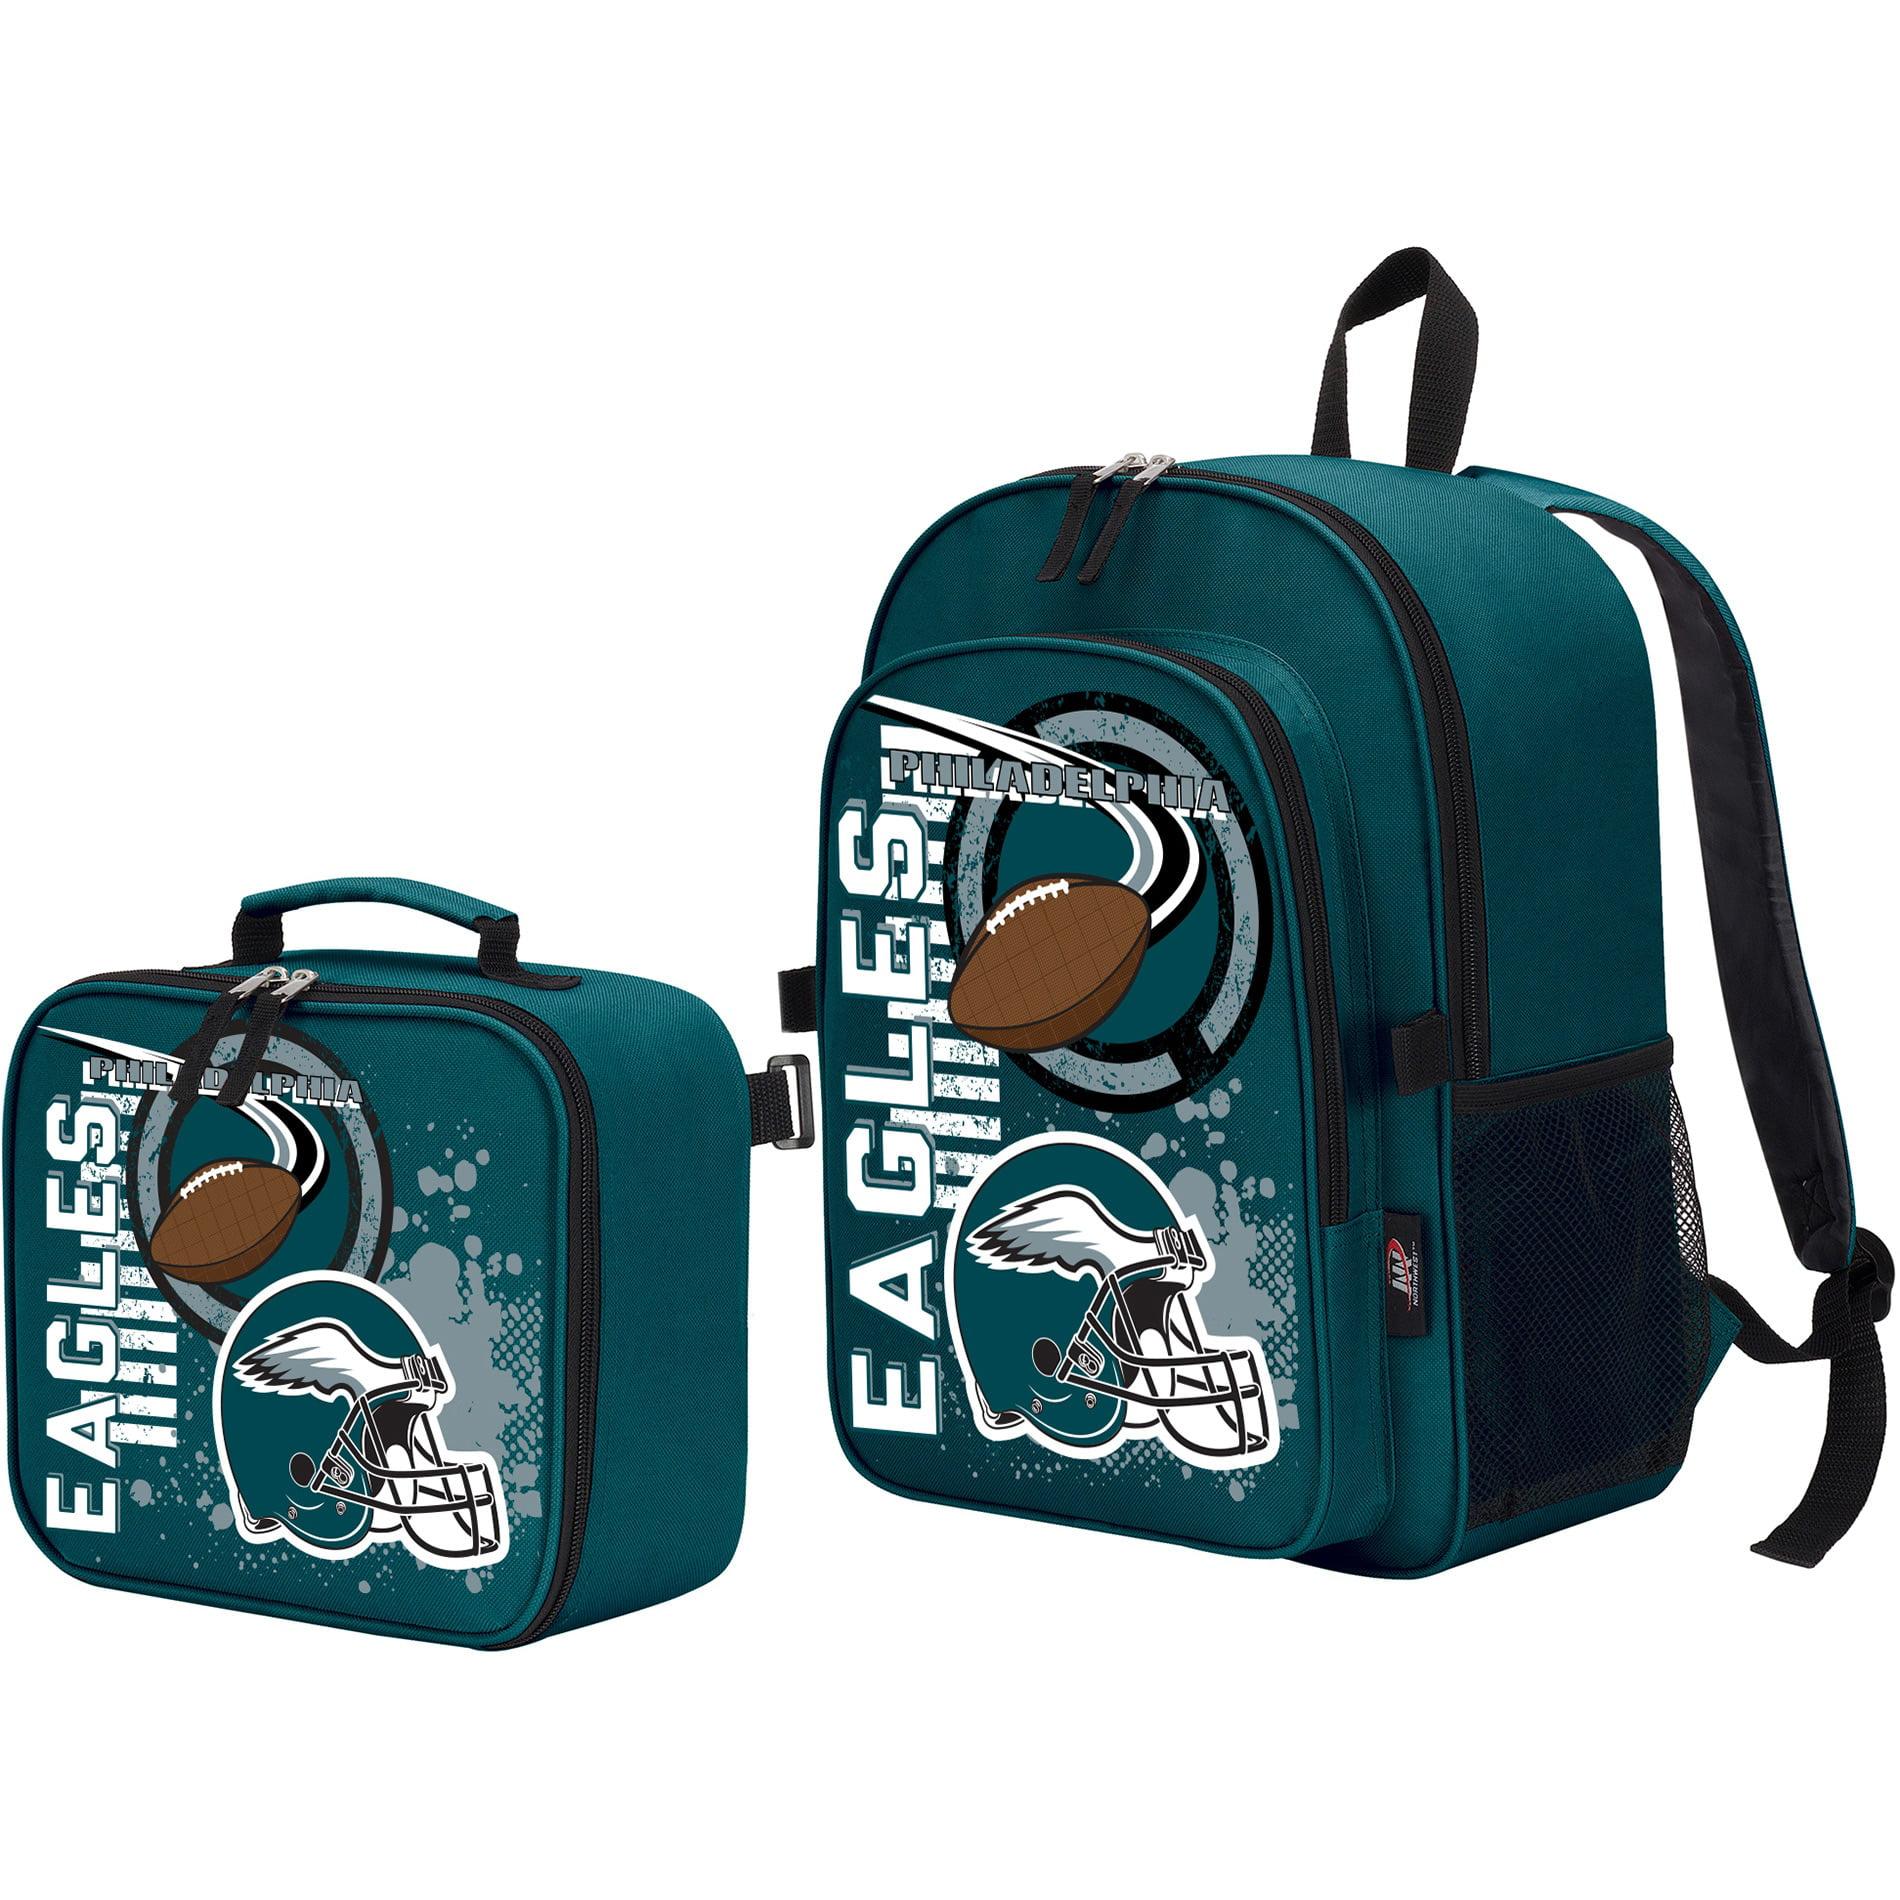 Philadelphia Eagles Diaper Bag and Blanket